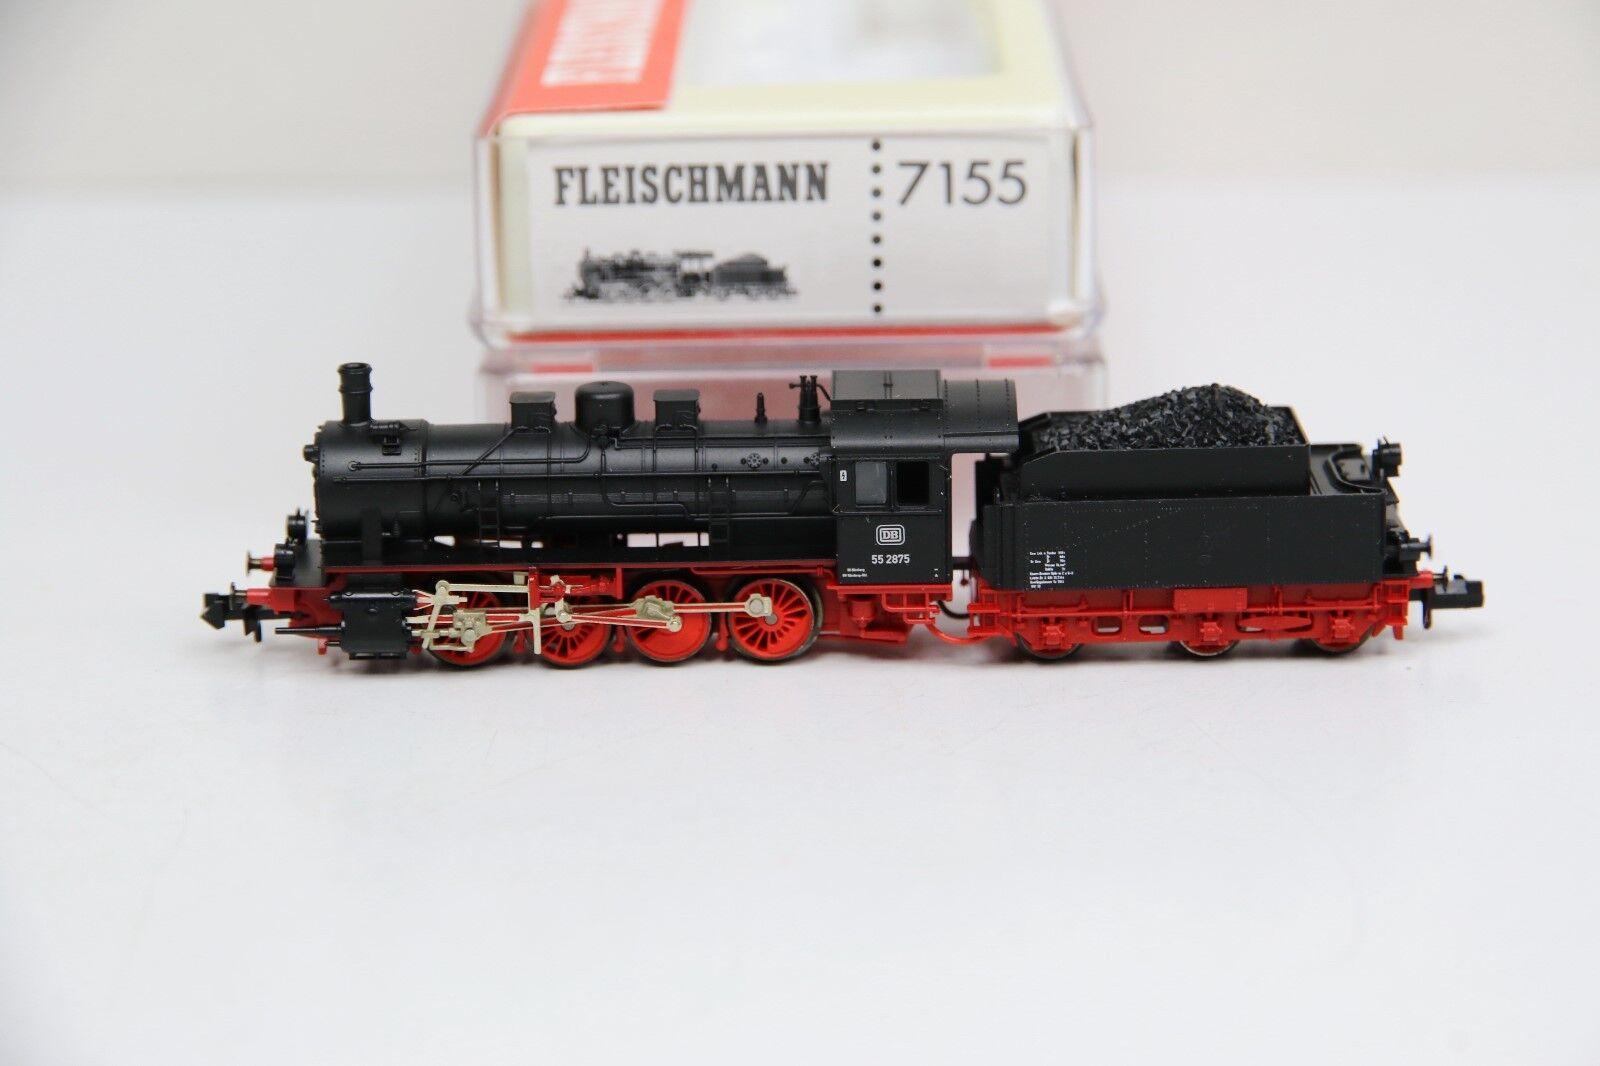 Fleischmann pista n 7155 schlepptenderlok br 55 2875 de la DB en embalaje original (rb9453)